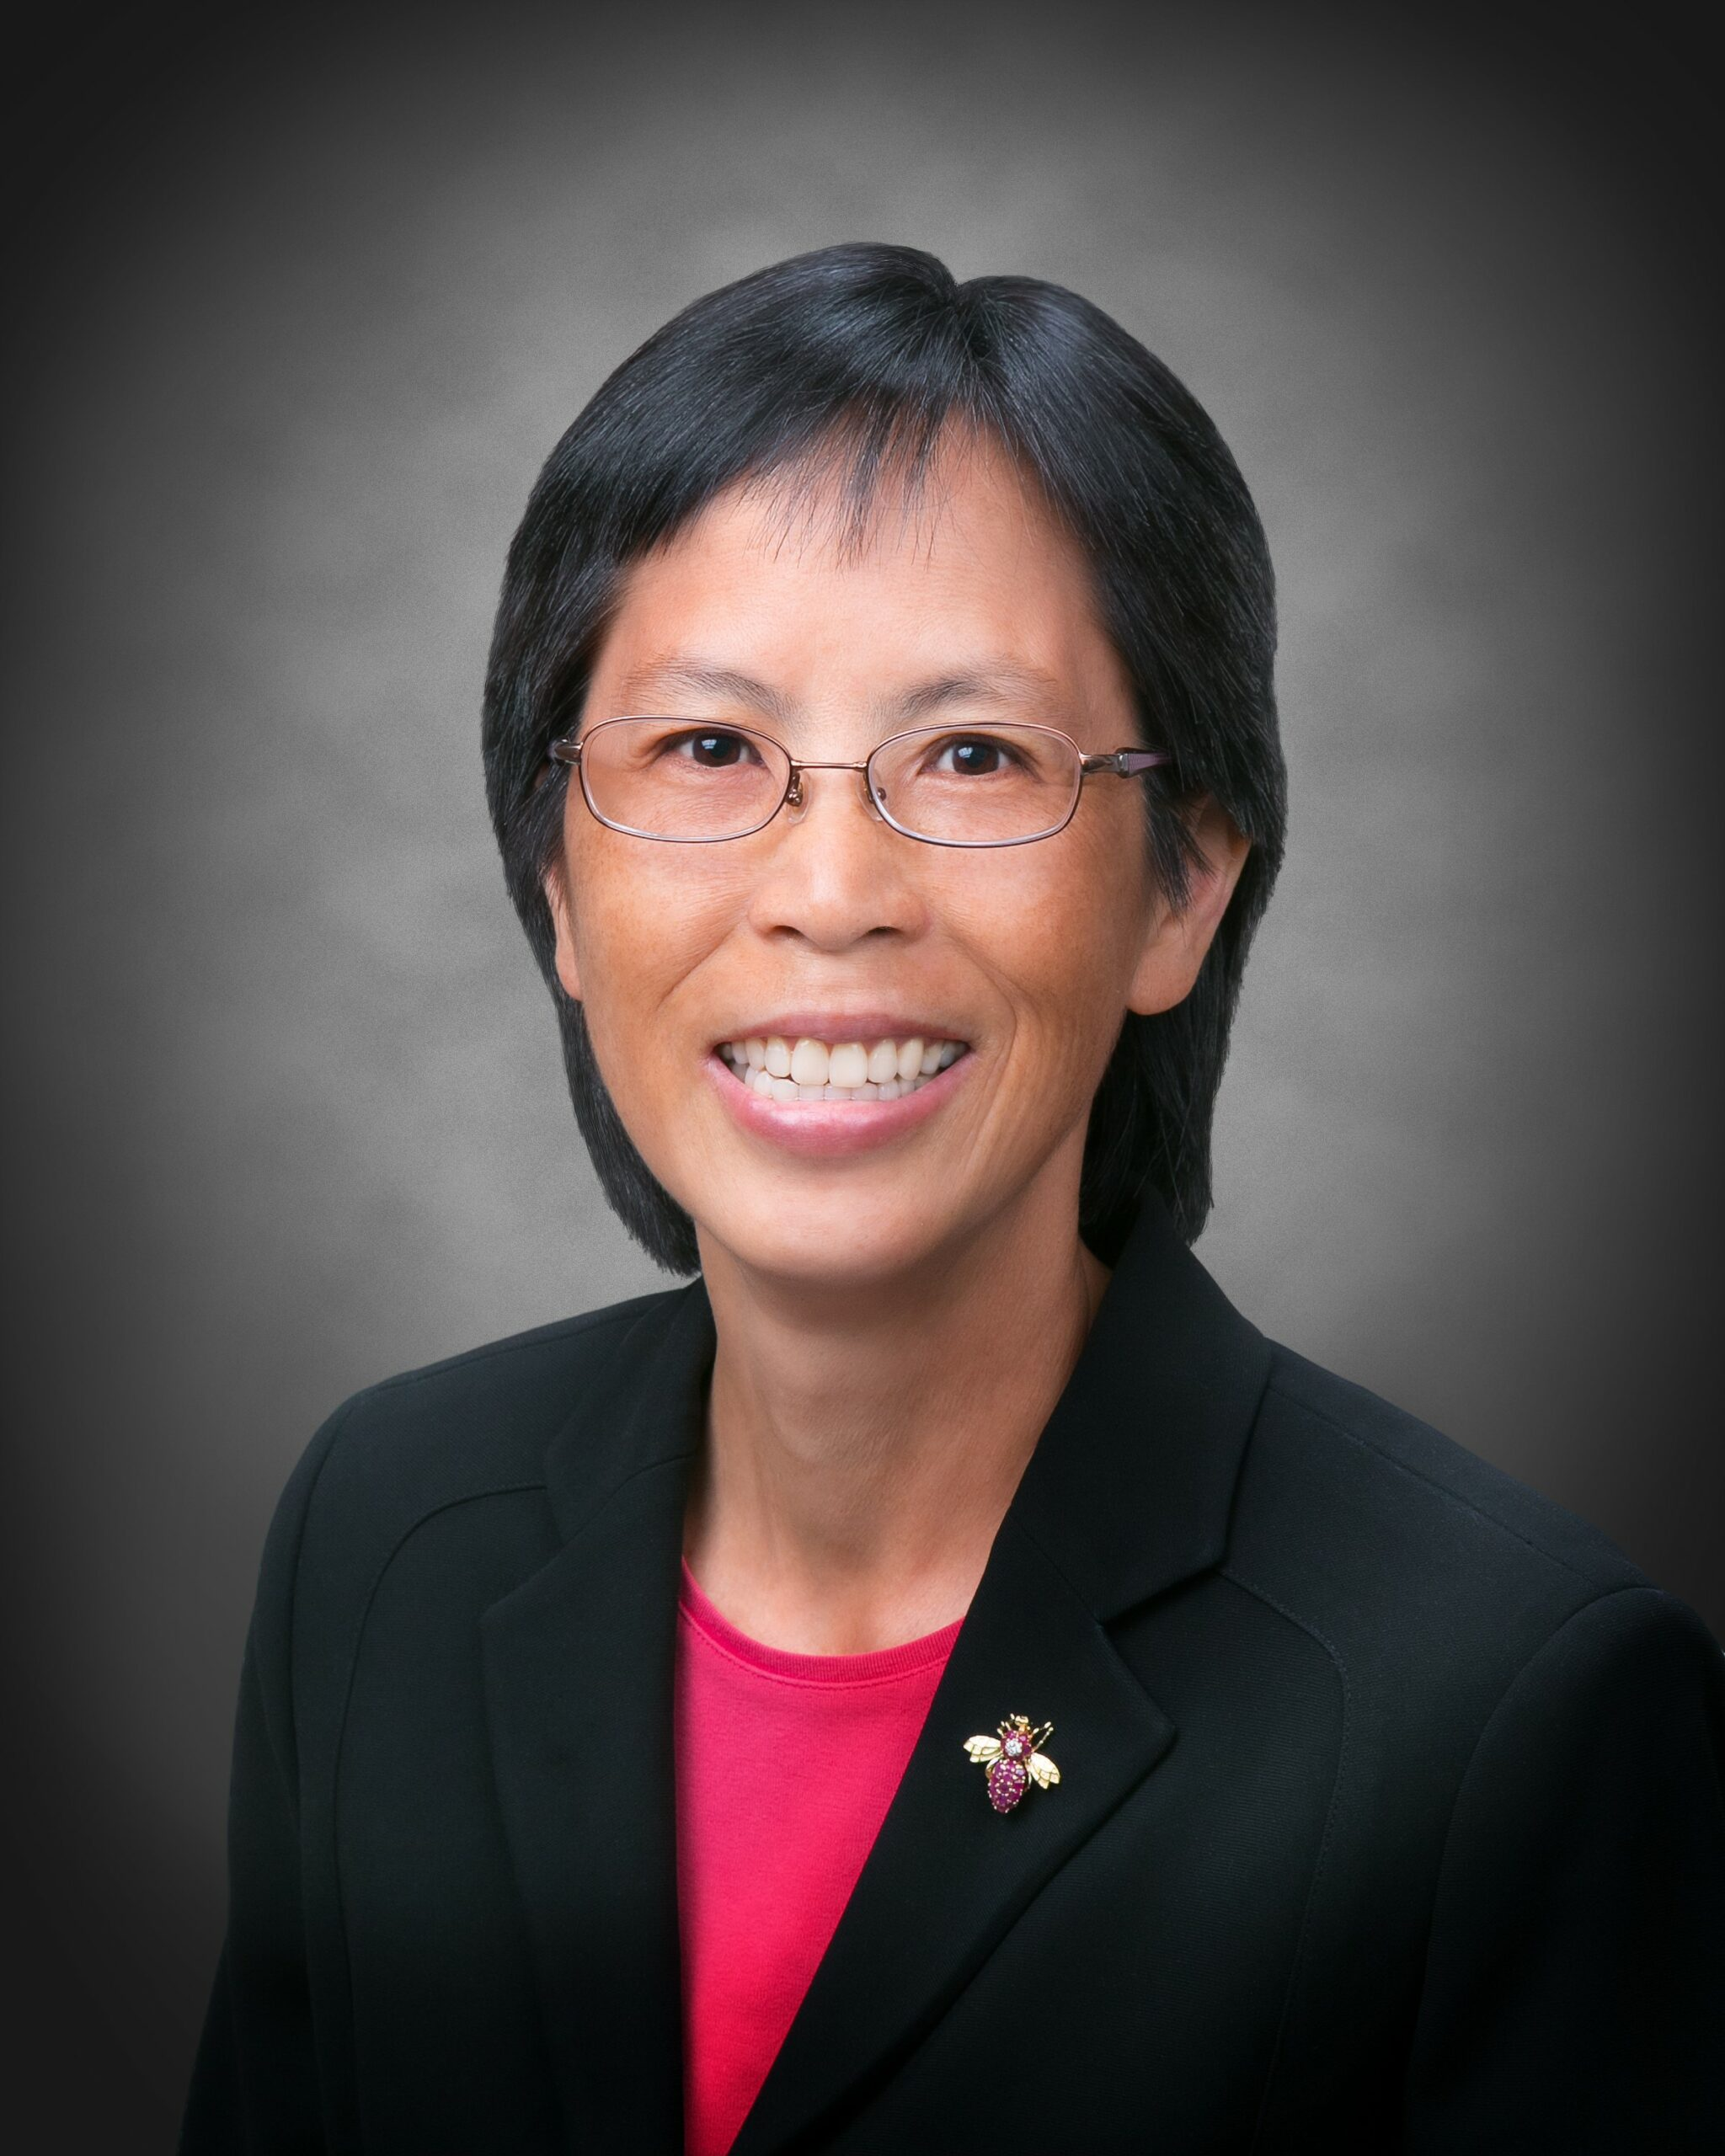 Elizabeth A. (Libby) Char, MD